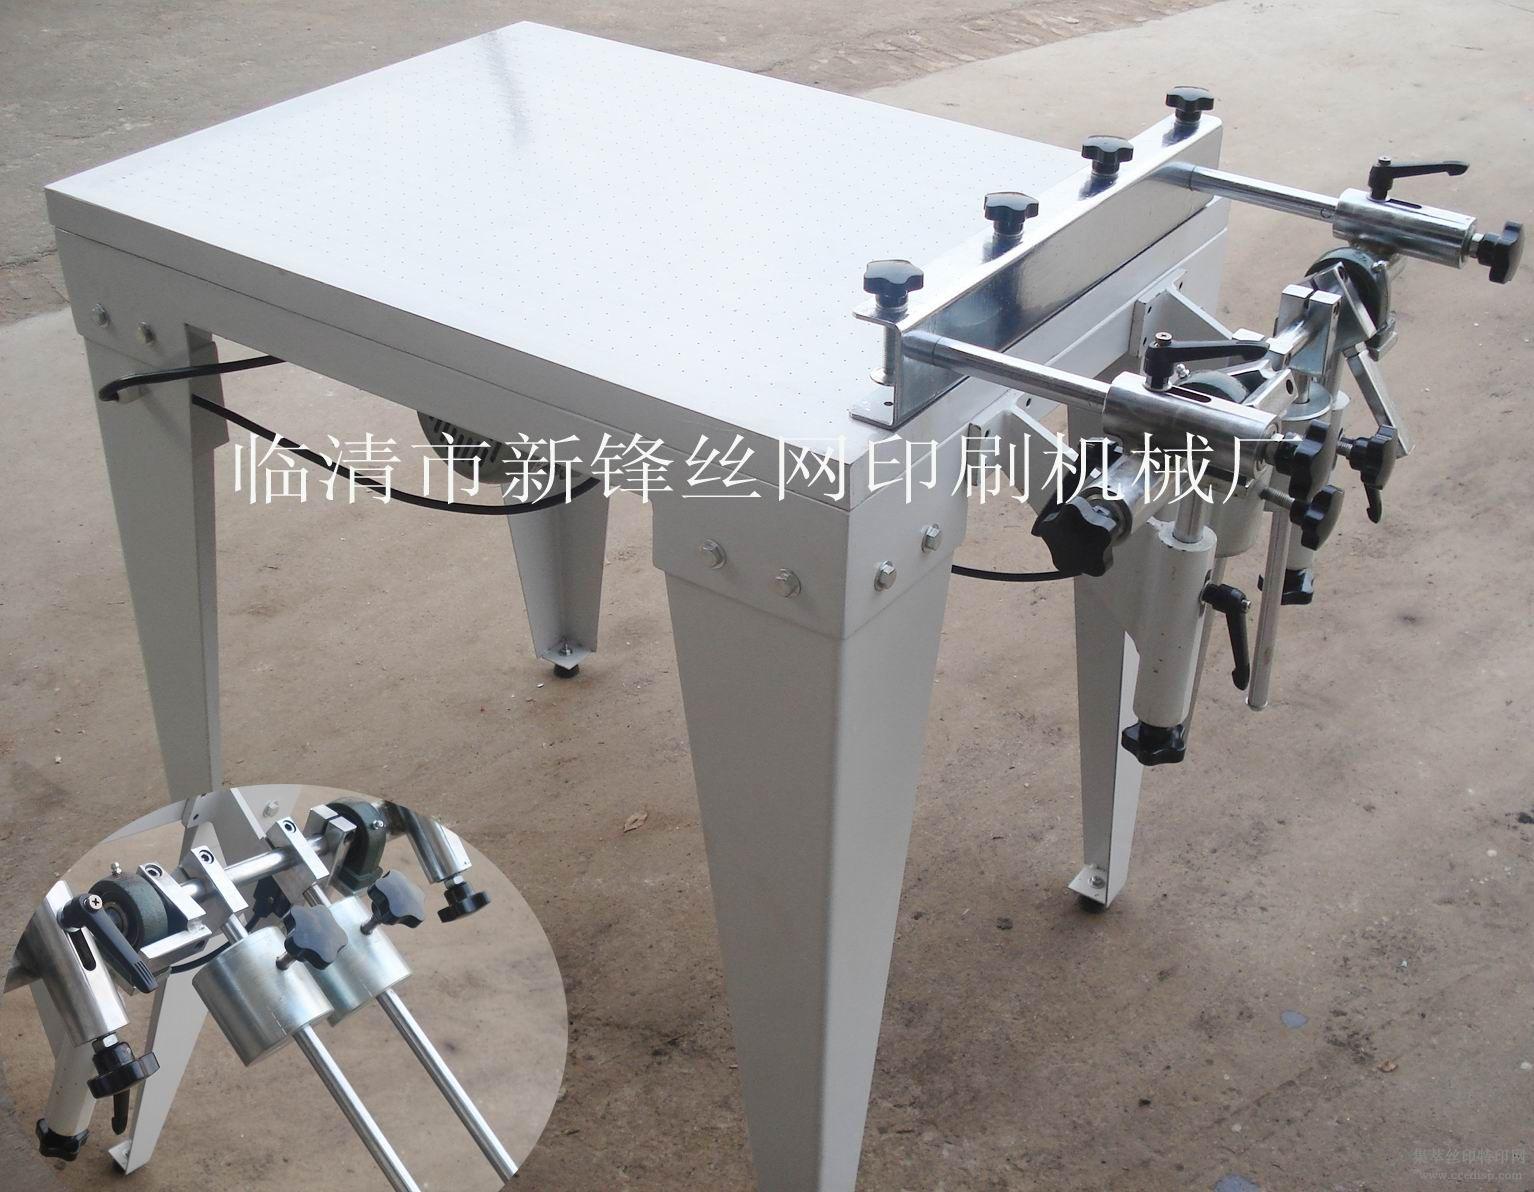 手动吸气平台丝印台手动印刷机丝网印刷设备